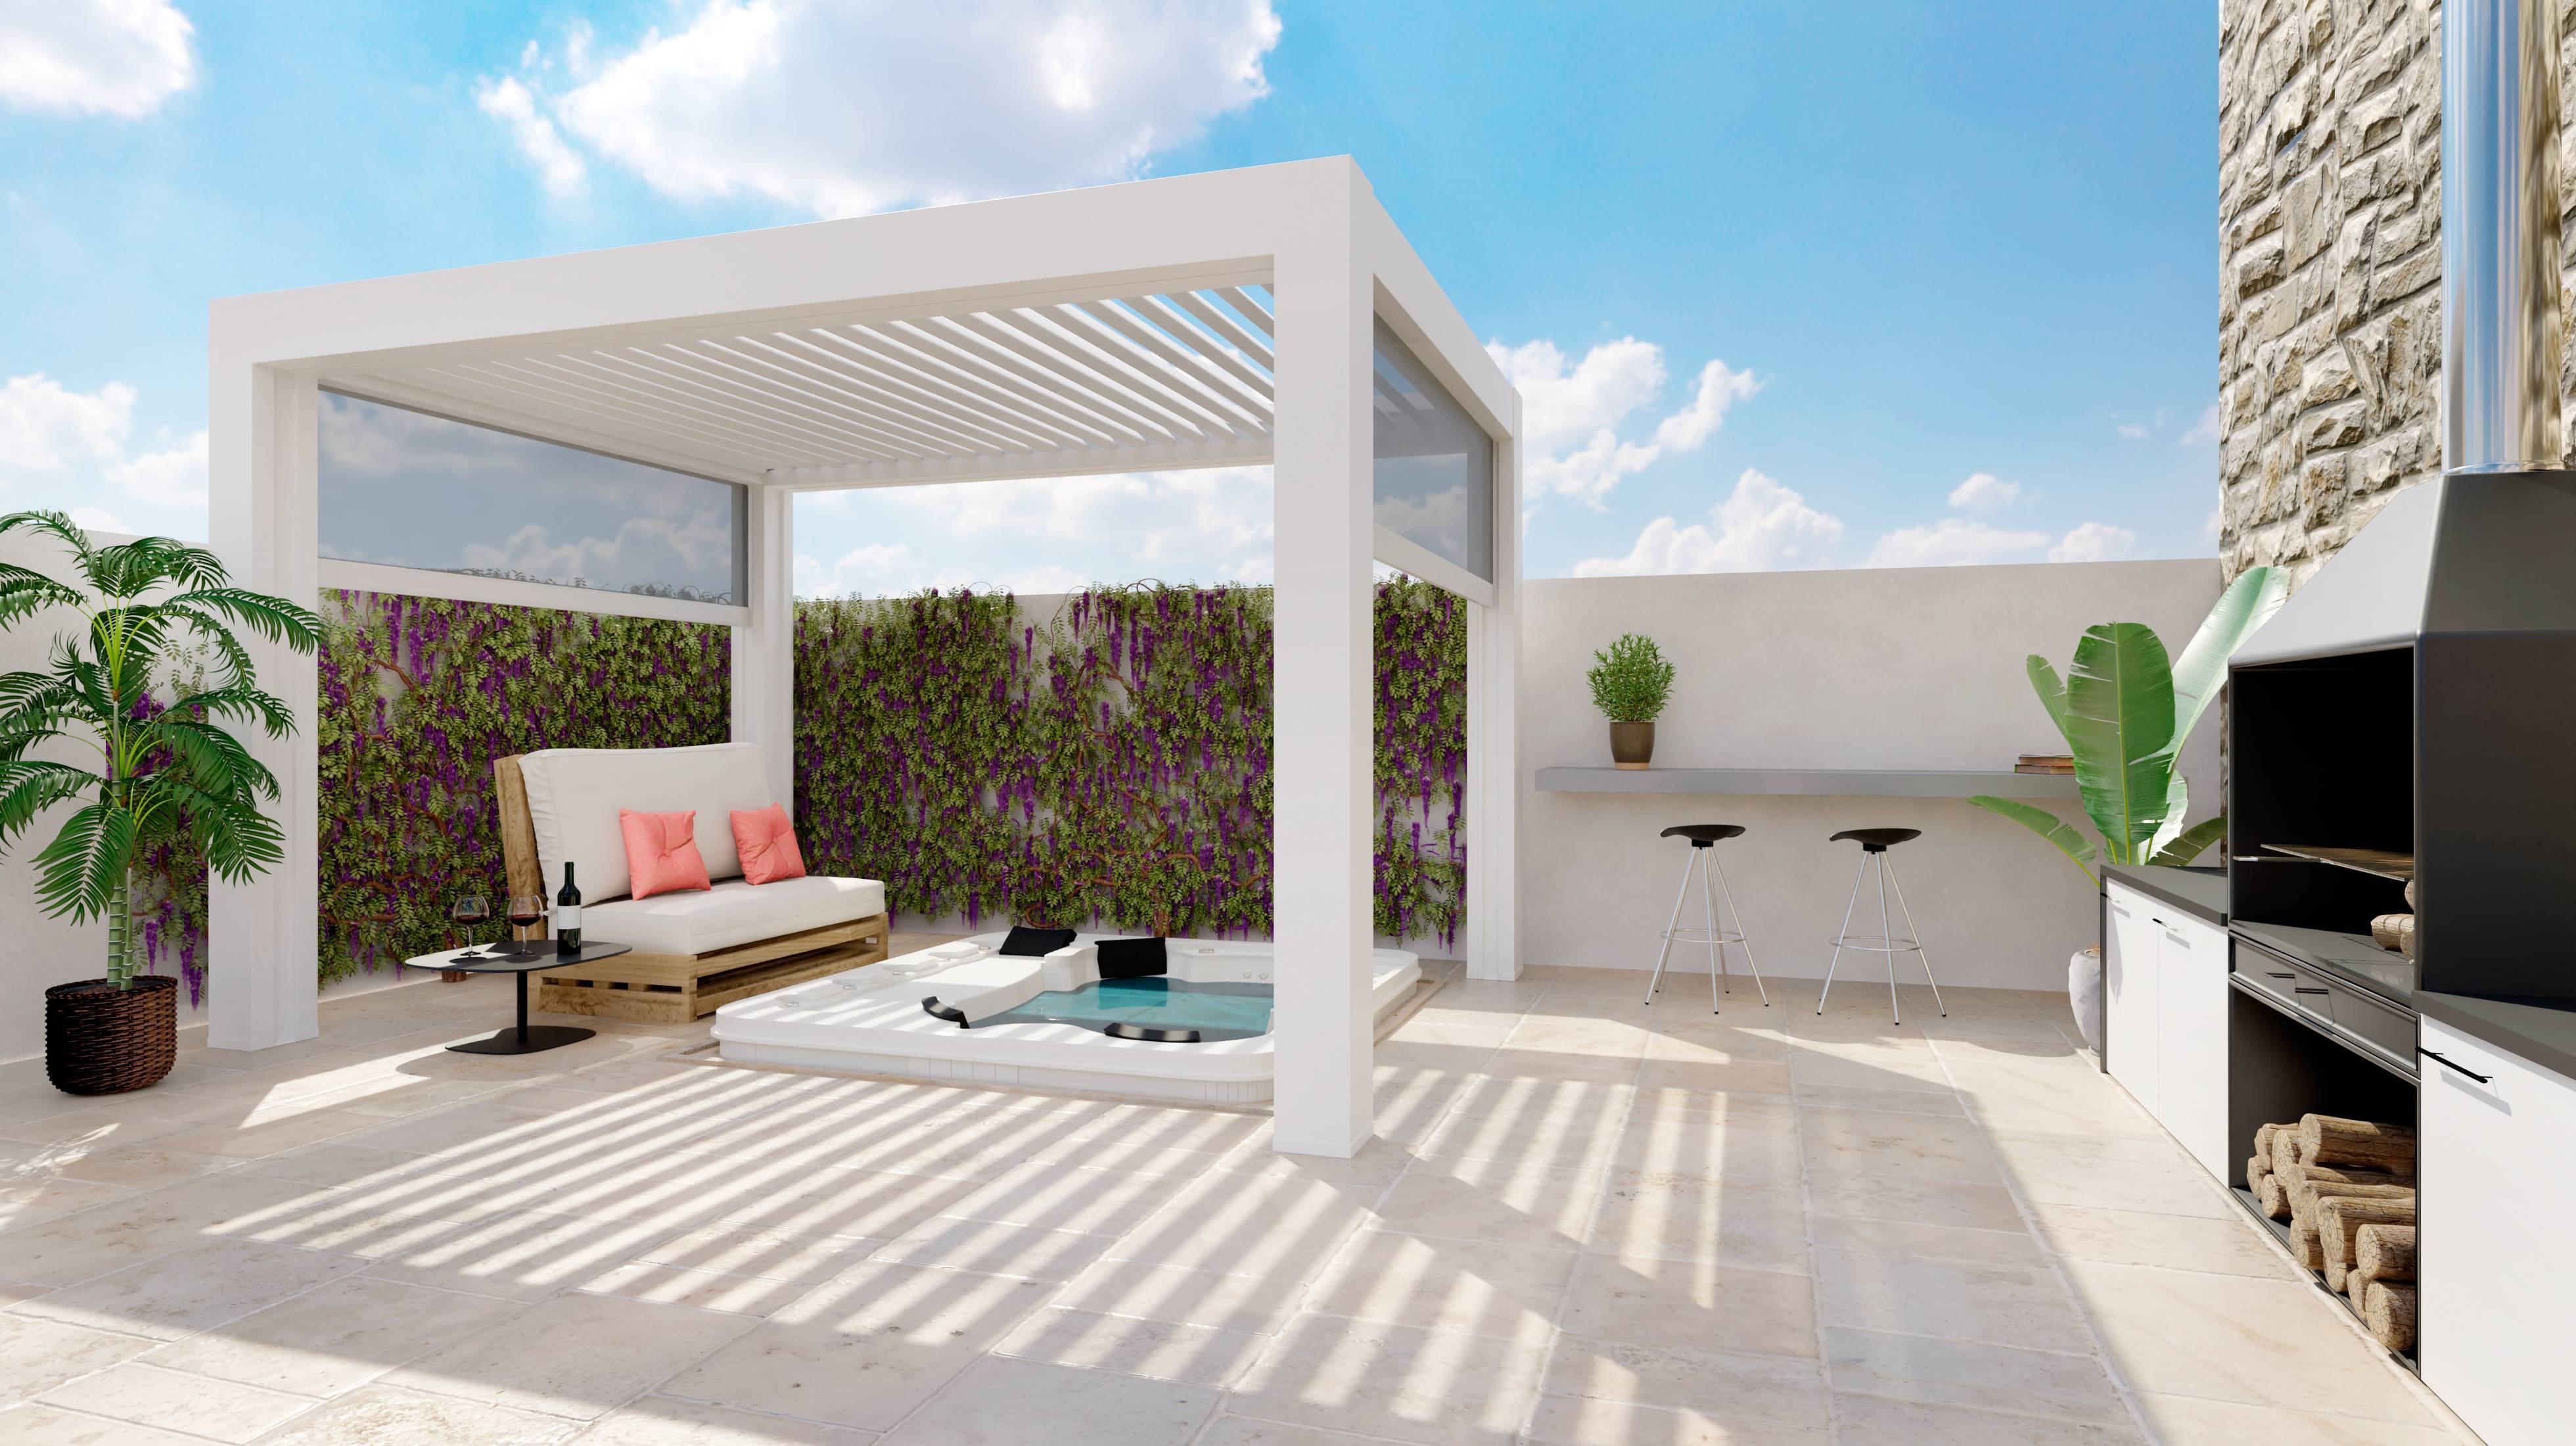 terrasse jardin palettes en bois salon